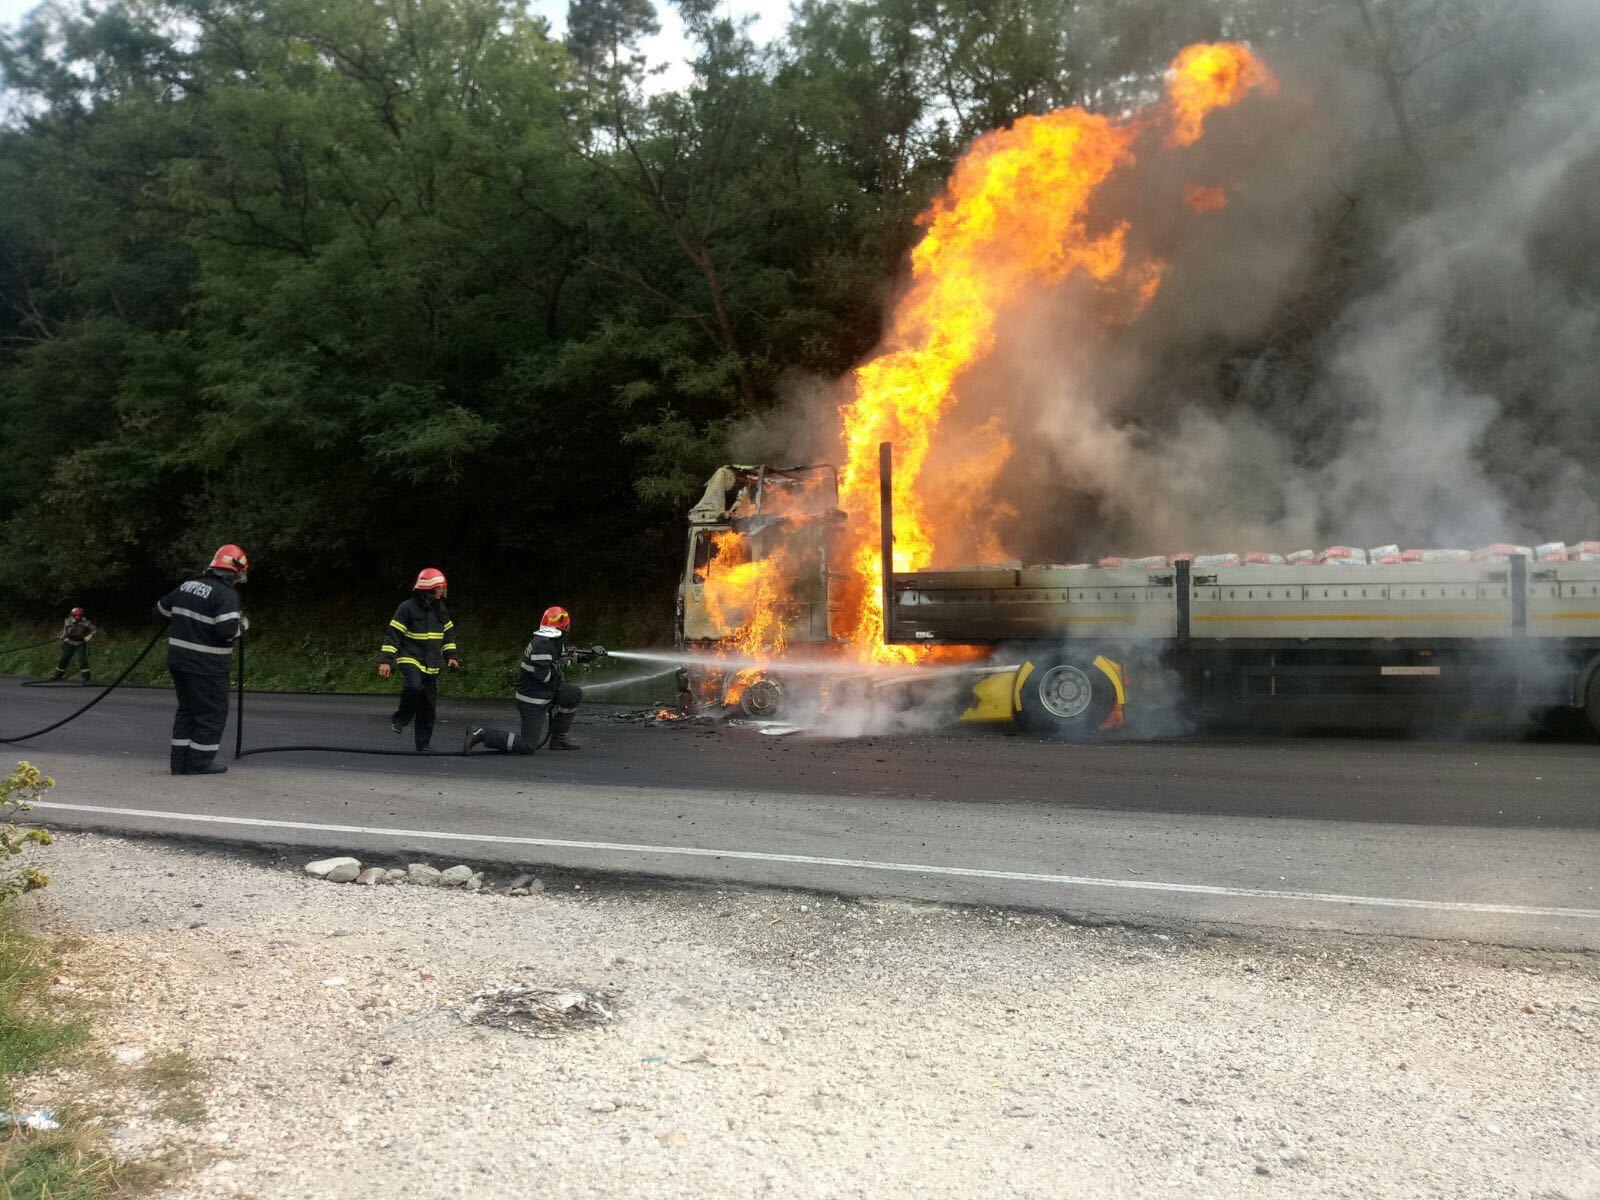 FOTO | Trafic blocat pe DN 7, între Argeş şi Vâlcea: Un TIR a luat foc în timpul mersului